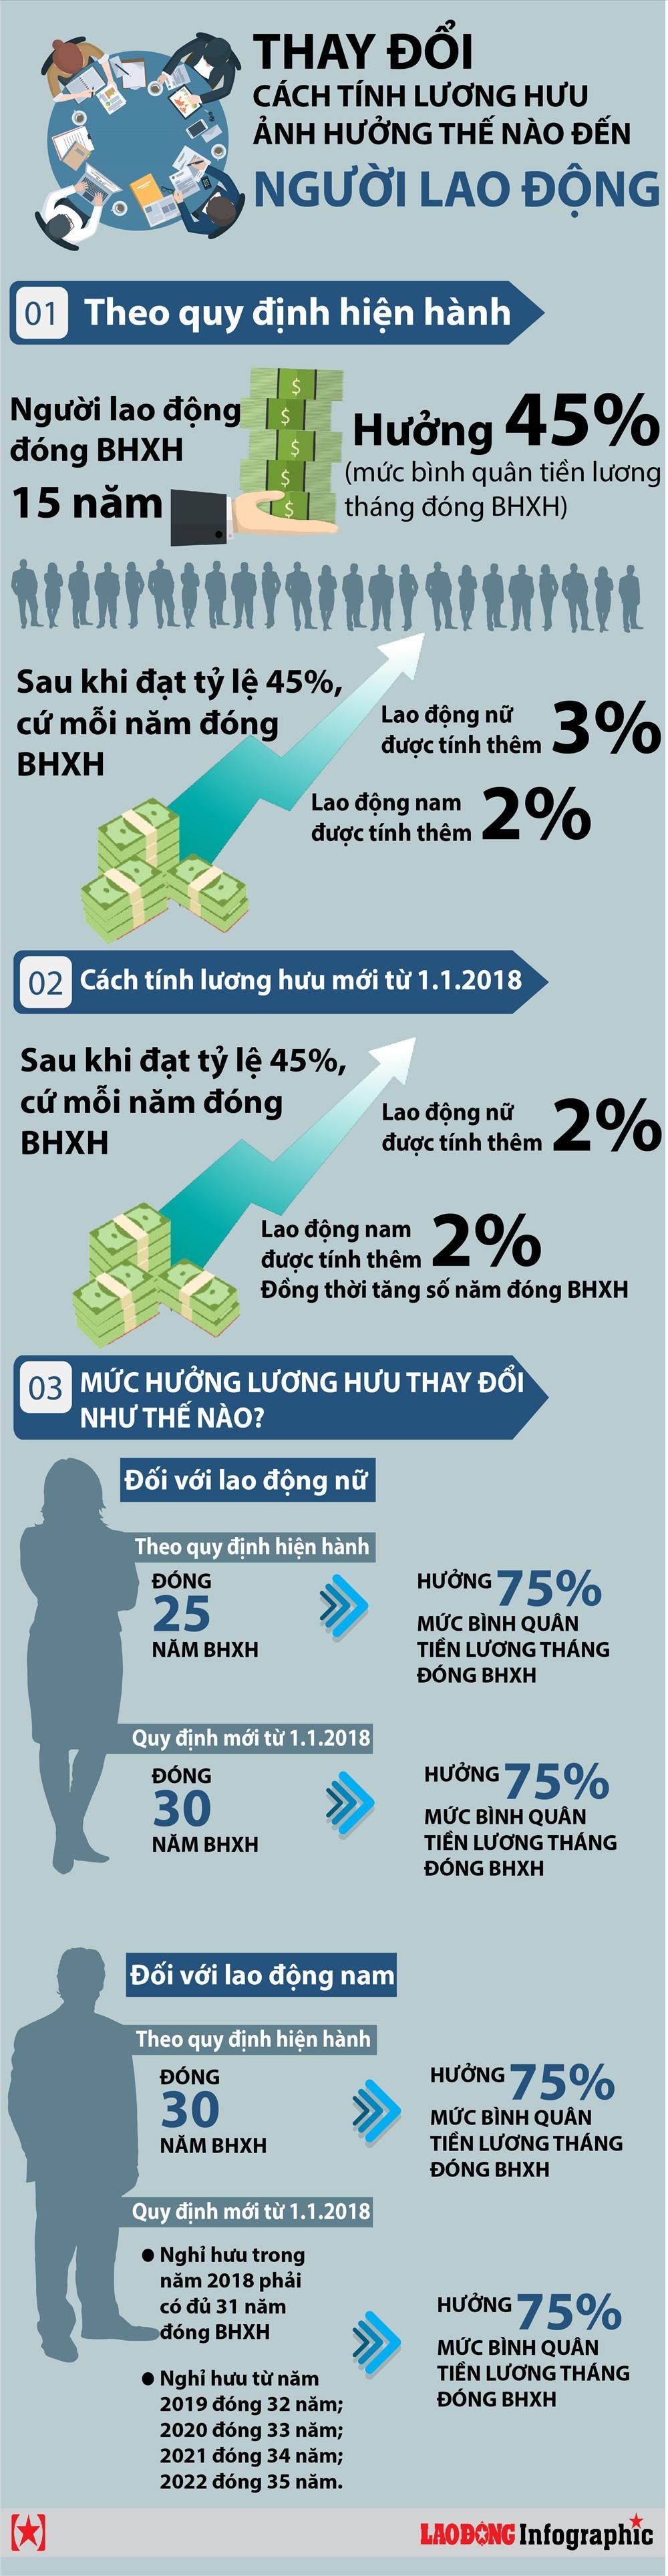 infographic luong huu tinh kieu moi thay doi nhu the nao